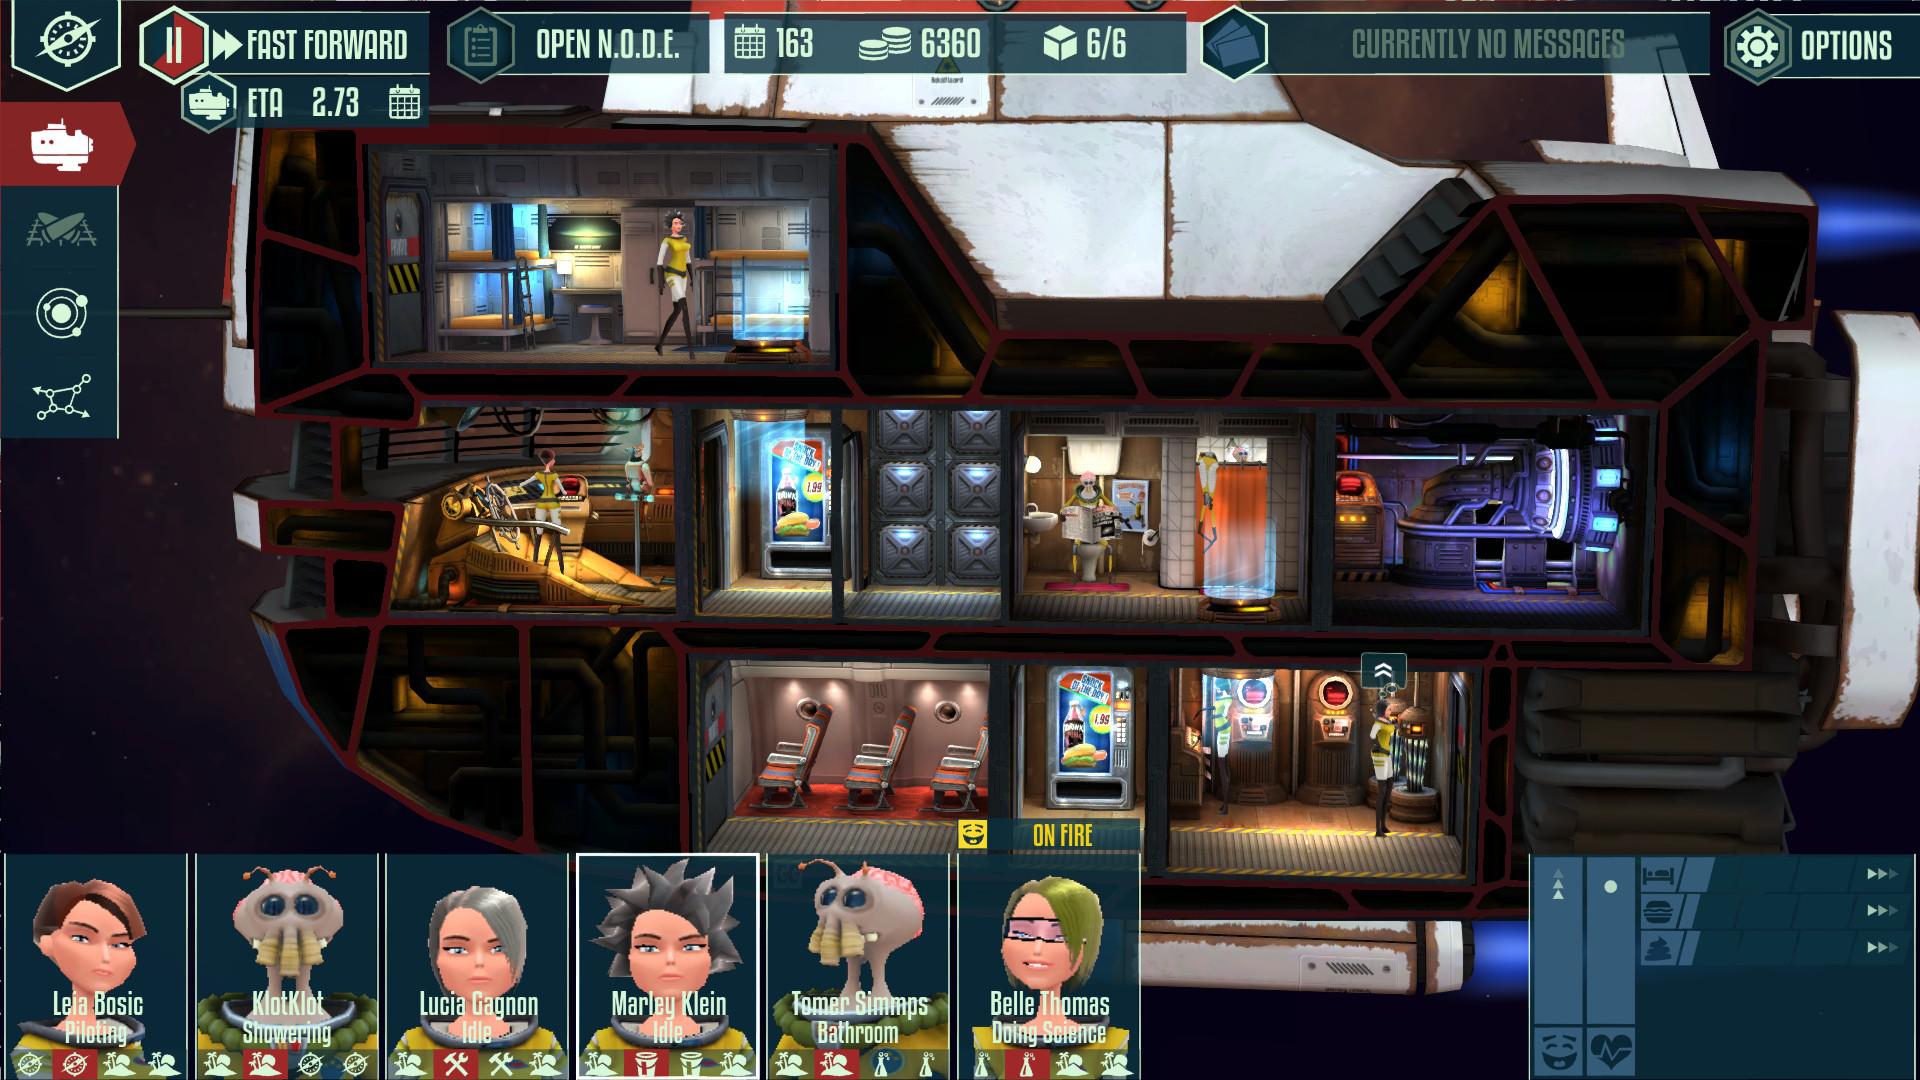 航海中はこの船内画面ですごす。宇宙船は究極の住み込み職場だ。船はかれらの仕事場であり、家でもある。「アットホームな職場です」